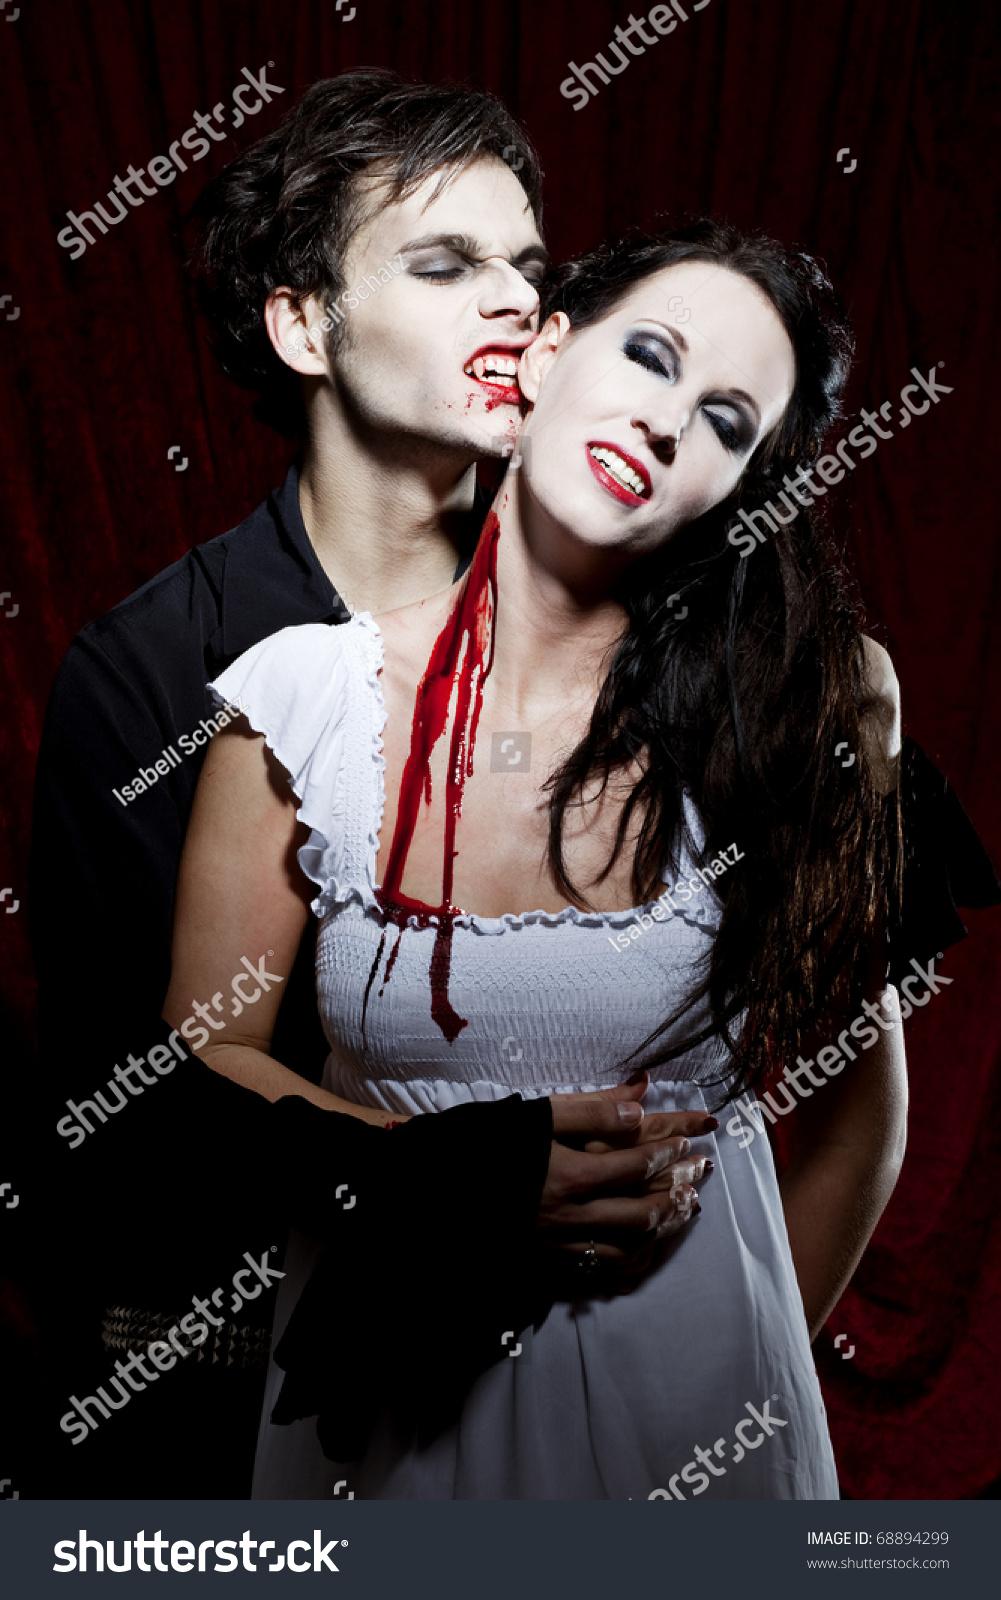 She male vampires nsfw tube